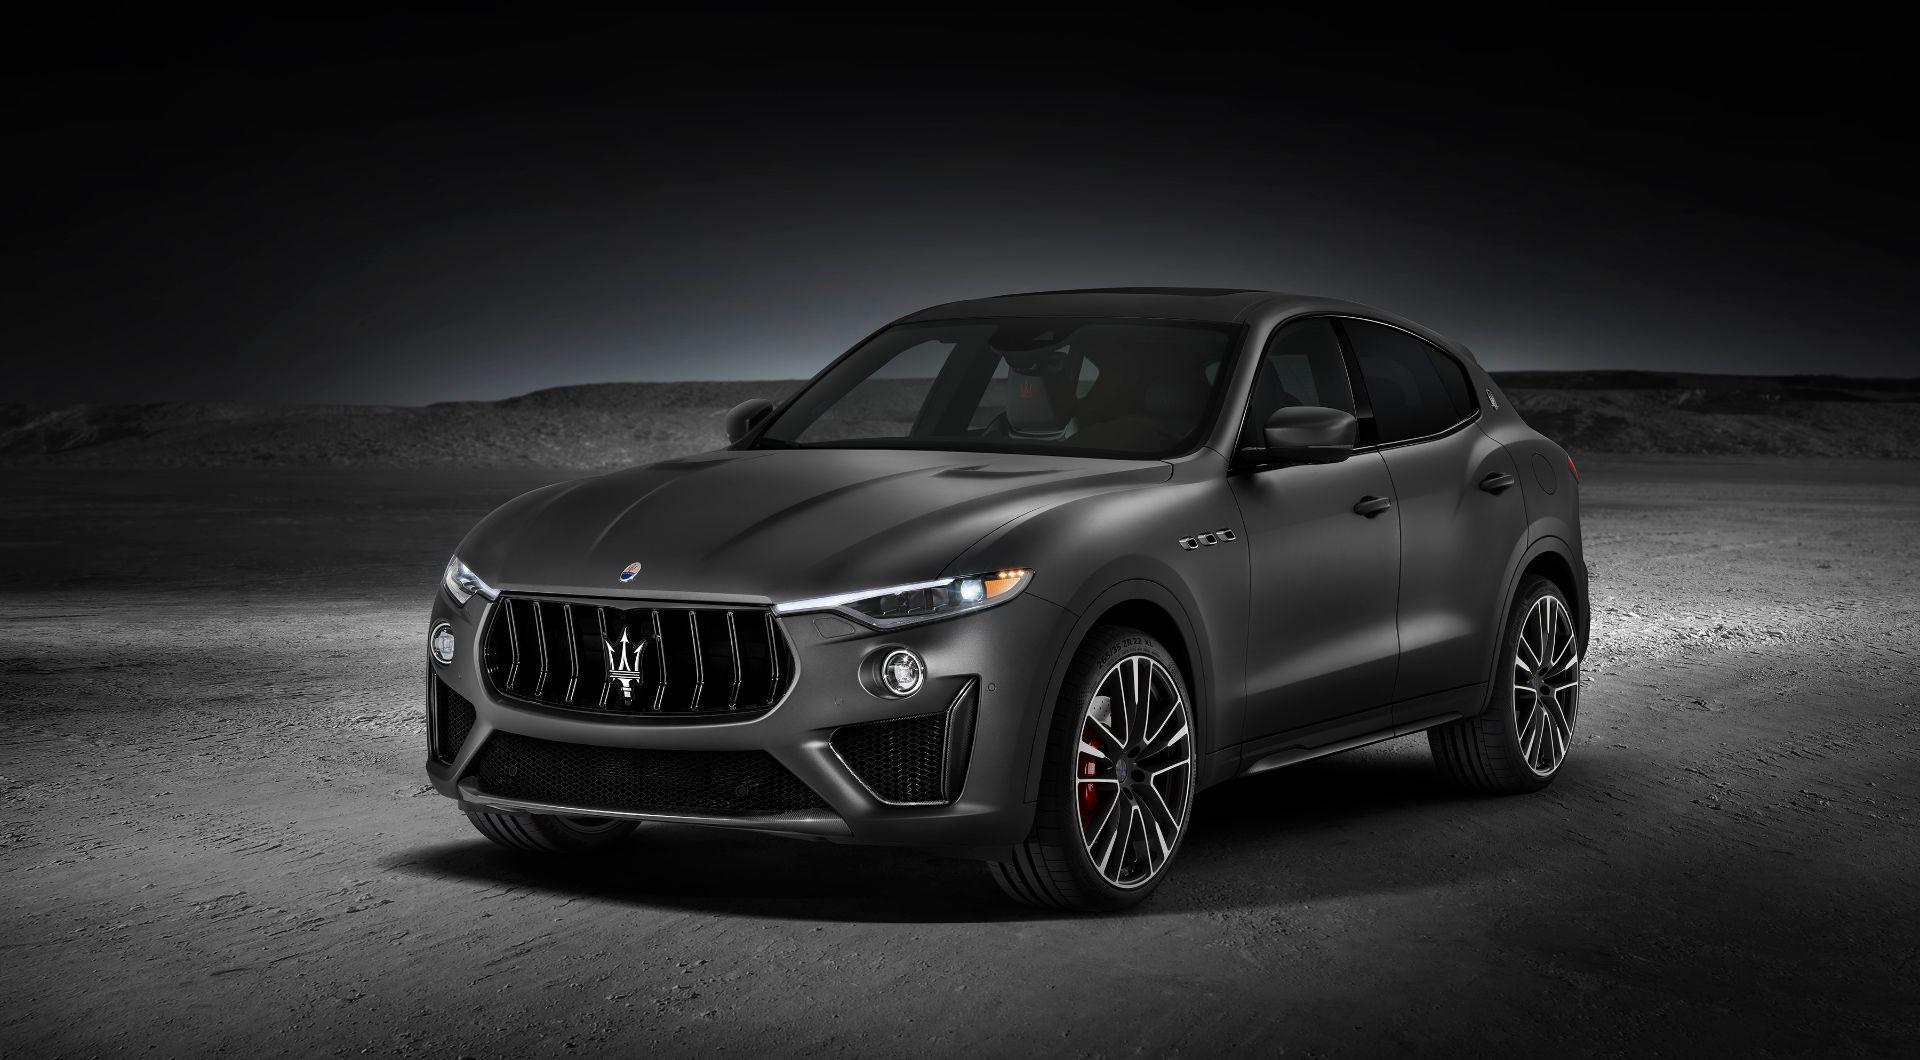 Estreno mundial del Maserati Levante Trofeo en el Salón Internacional del Automóvil de Nueva York 2018